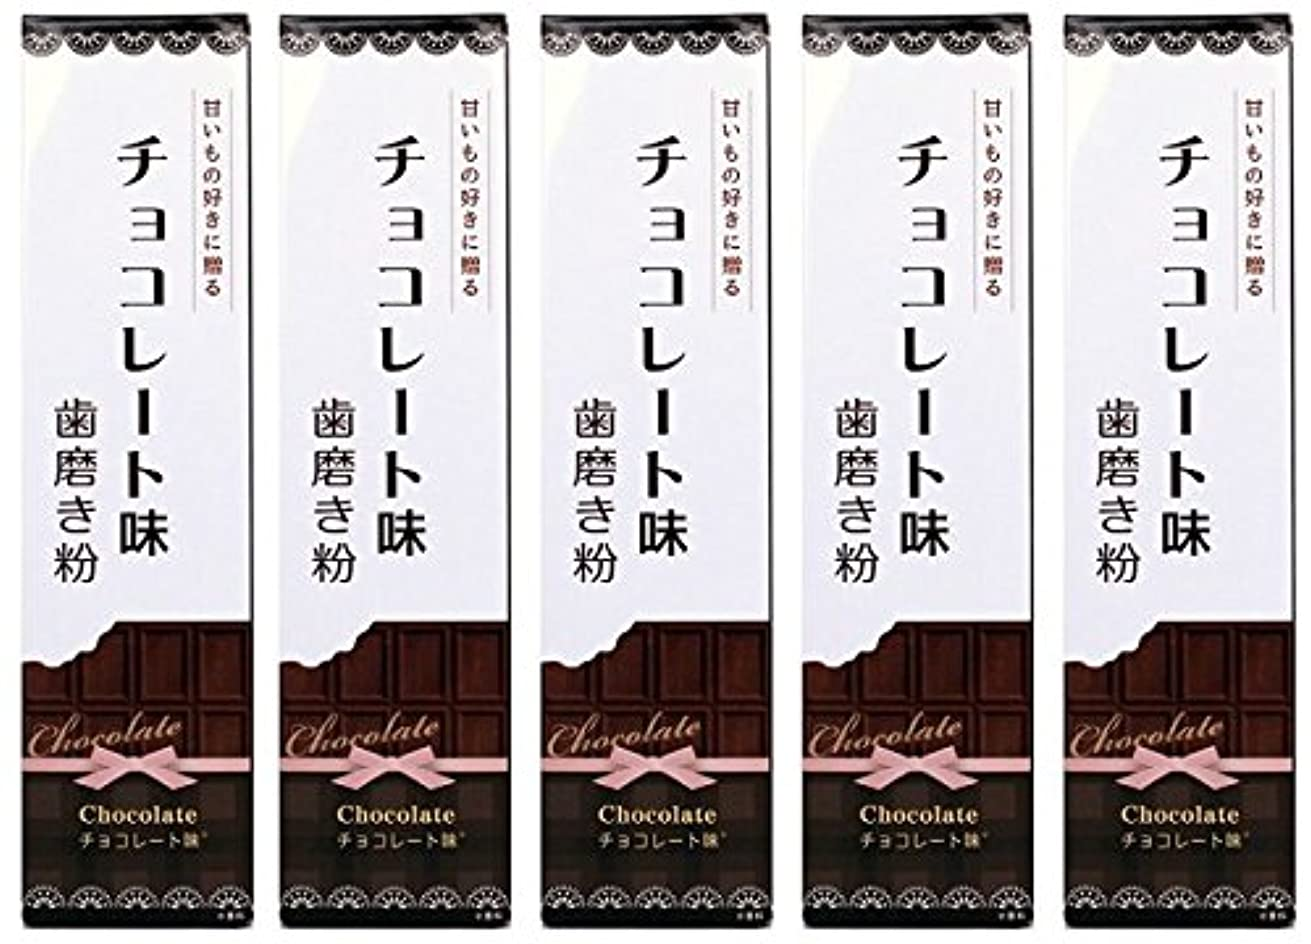 逸脱気分が良い噛むSWEETS 歯磨き粉 チョコレート味 70g (5本)